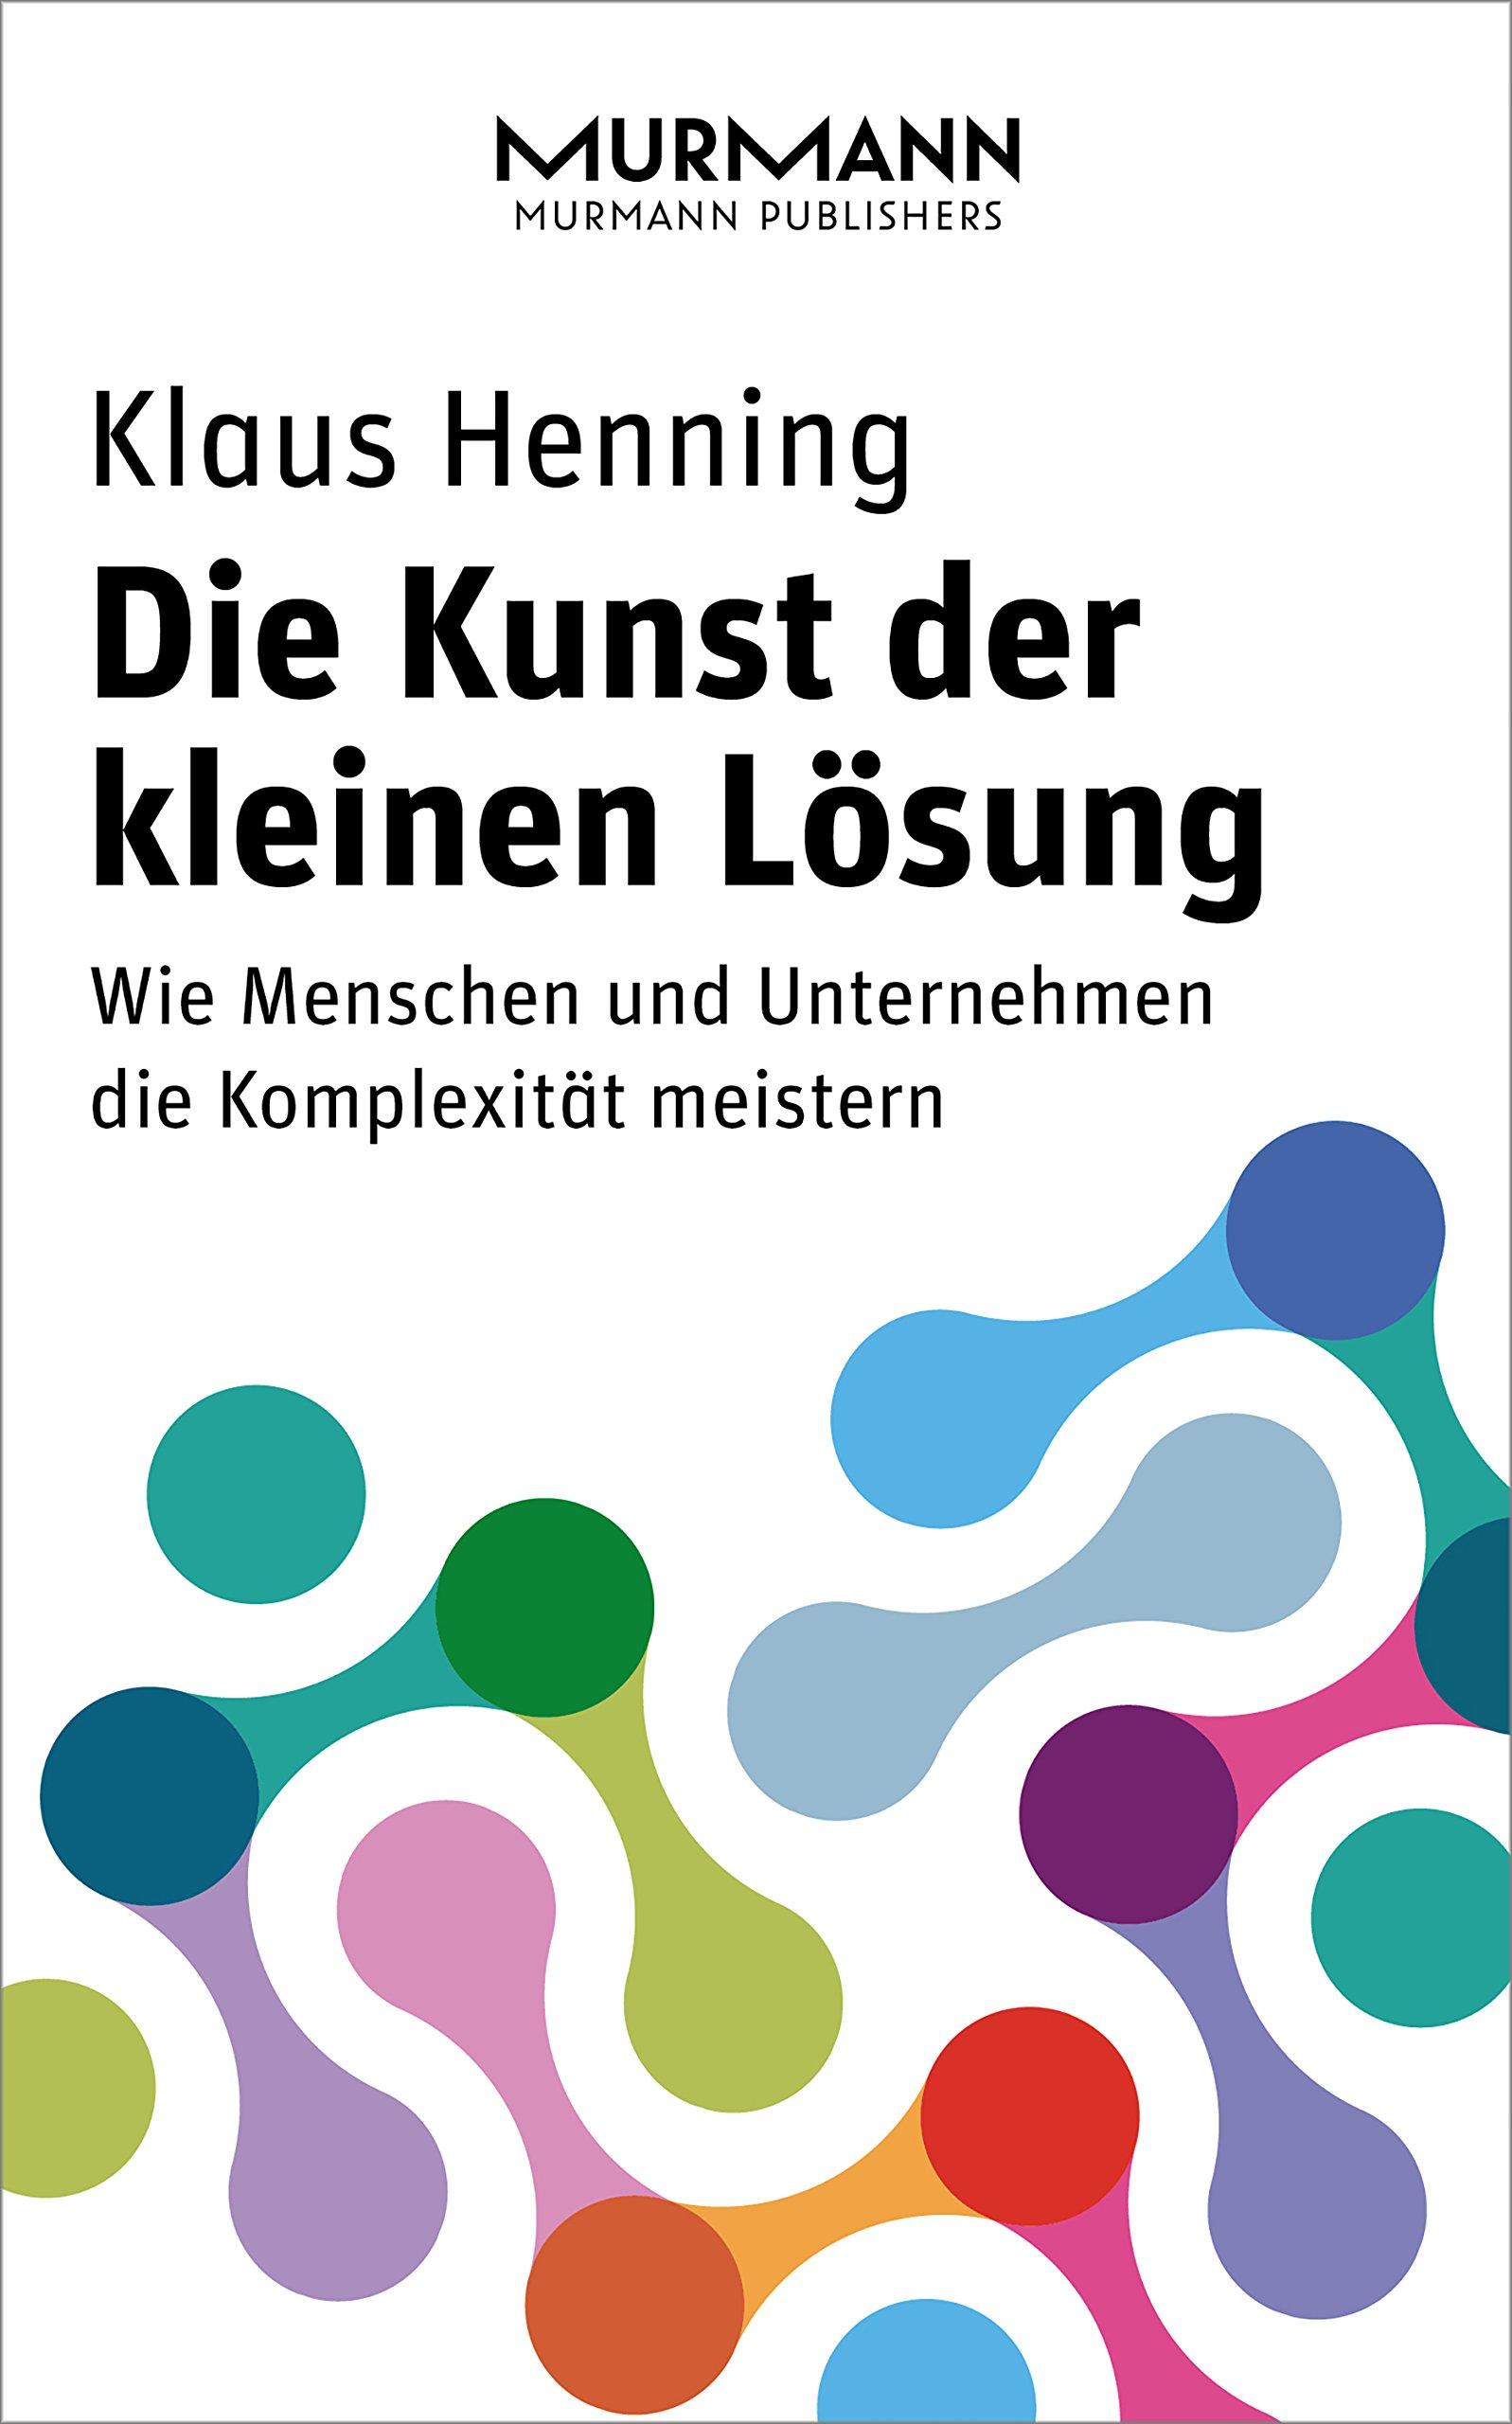 Die Kunst der kleinen Lösung: Wie Menschen und Unternehmen die Komplexität meistern (German Edition)